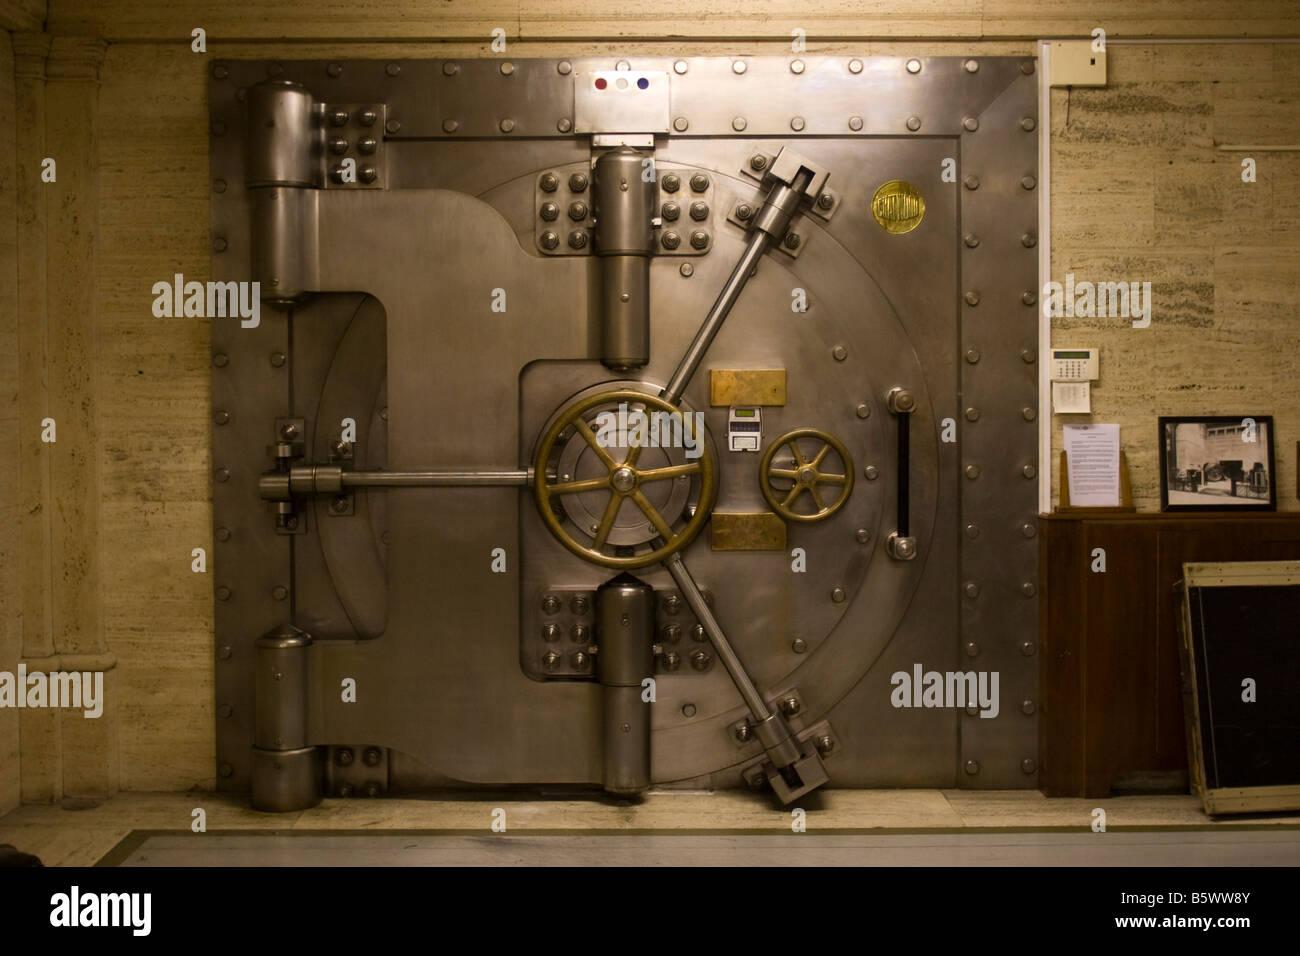 Fermeture de la porte de la chambre forte Ville de London GB UK ...